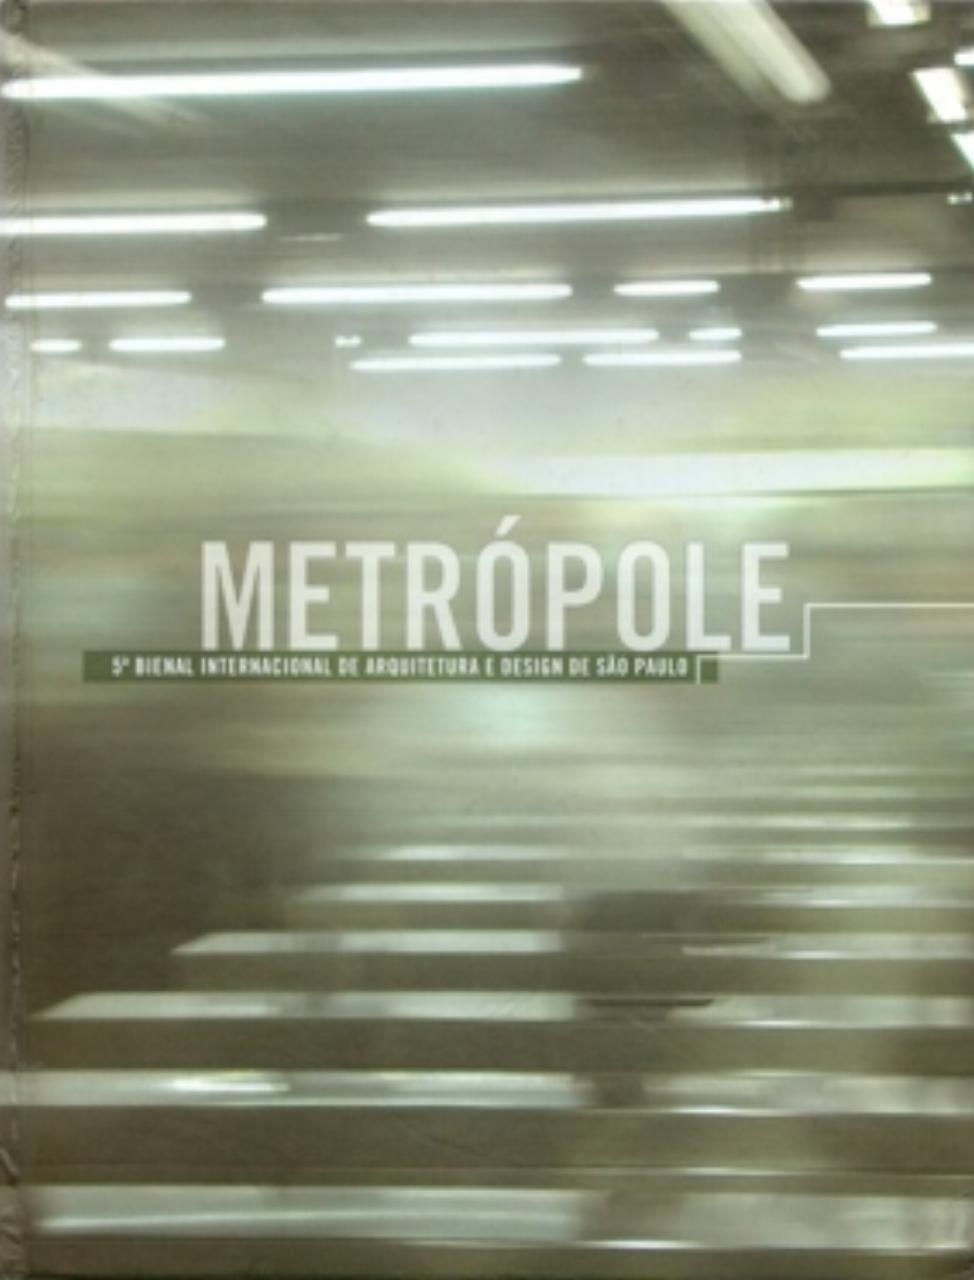 Bienal 5a_Metropole.jpg